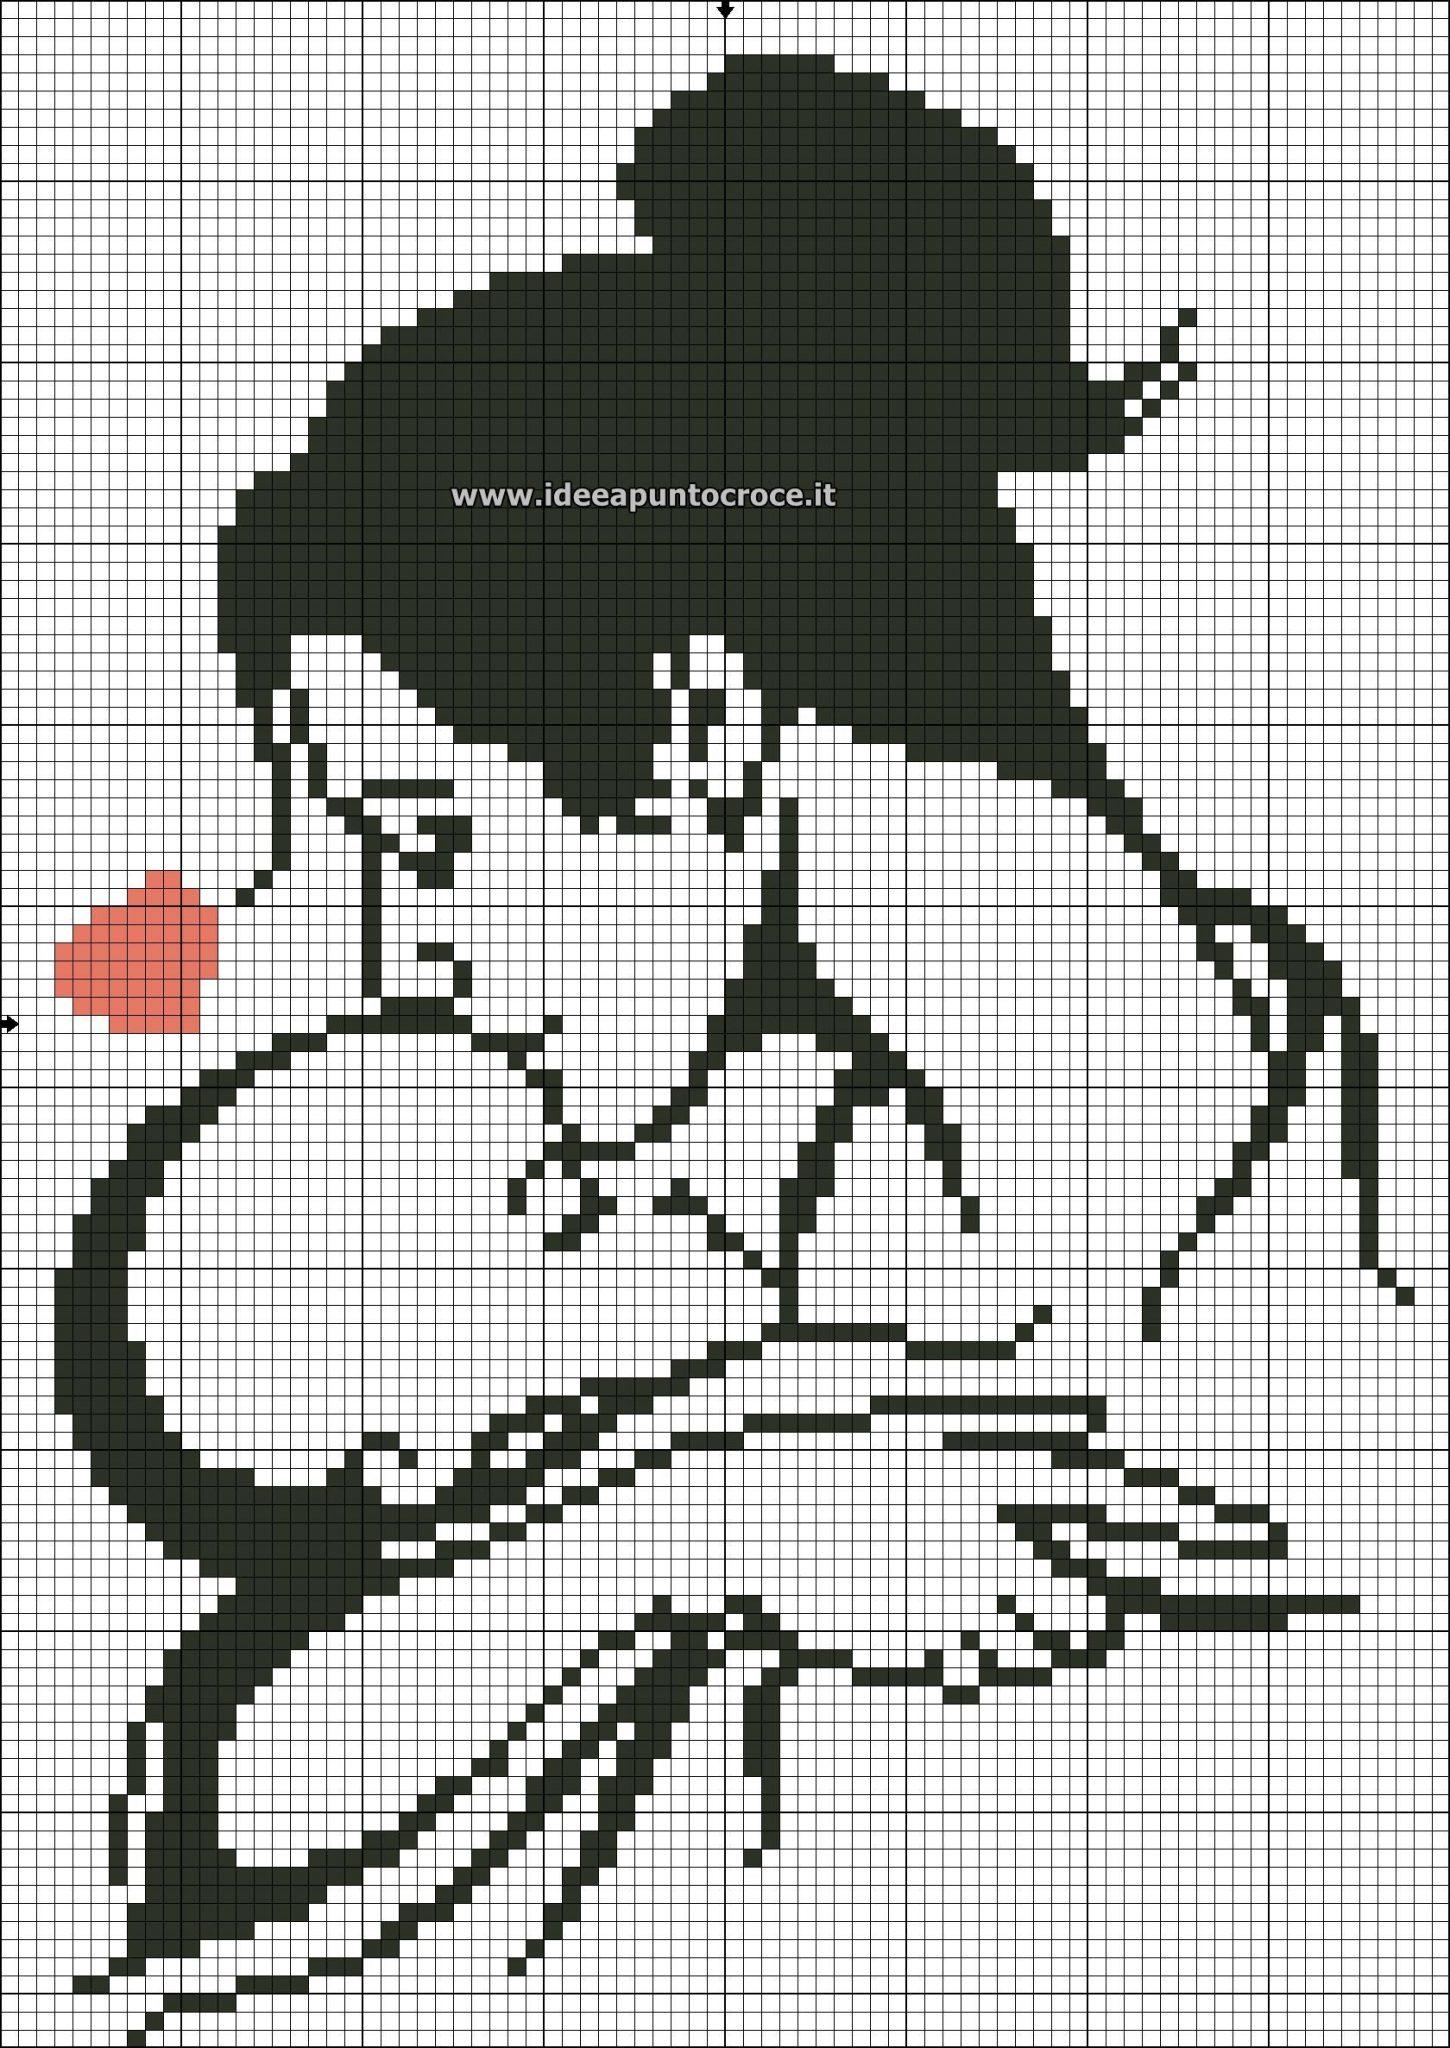 Coleção Dia das Mães BordadoPontoCruz com 26